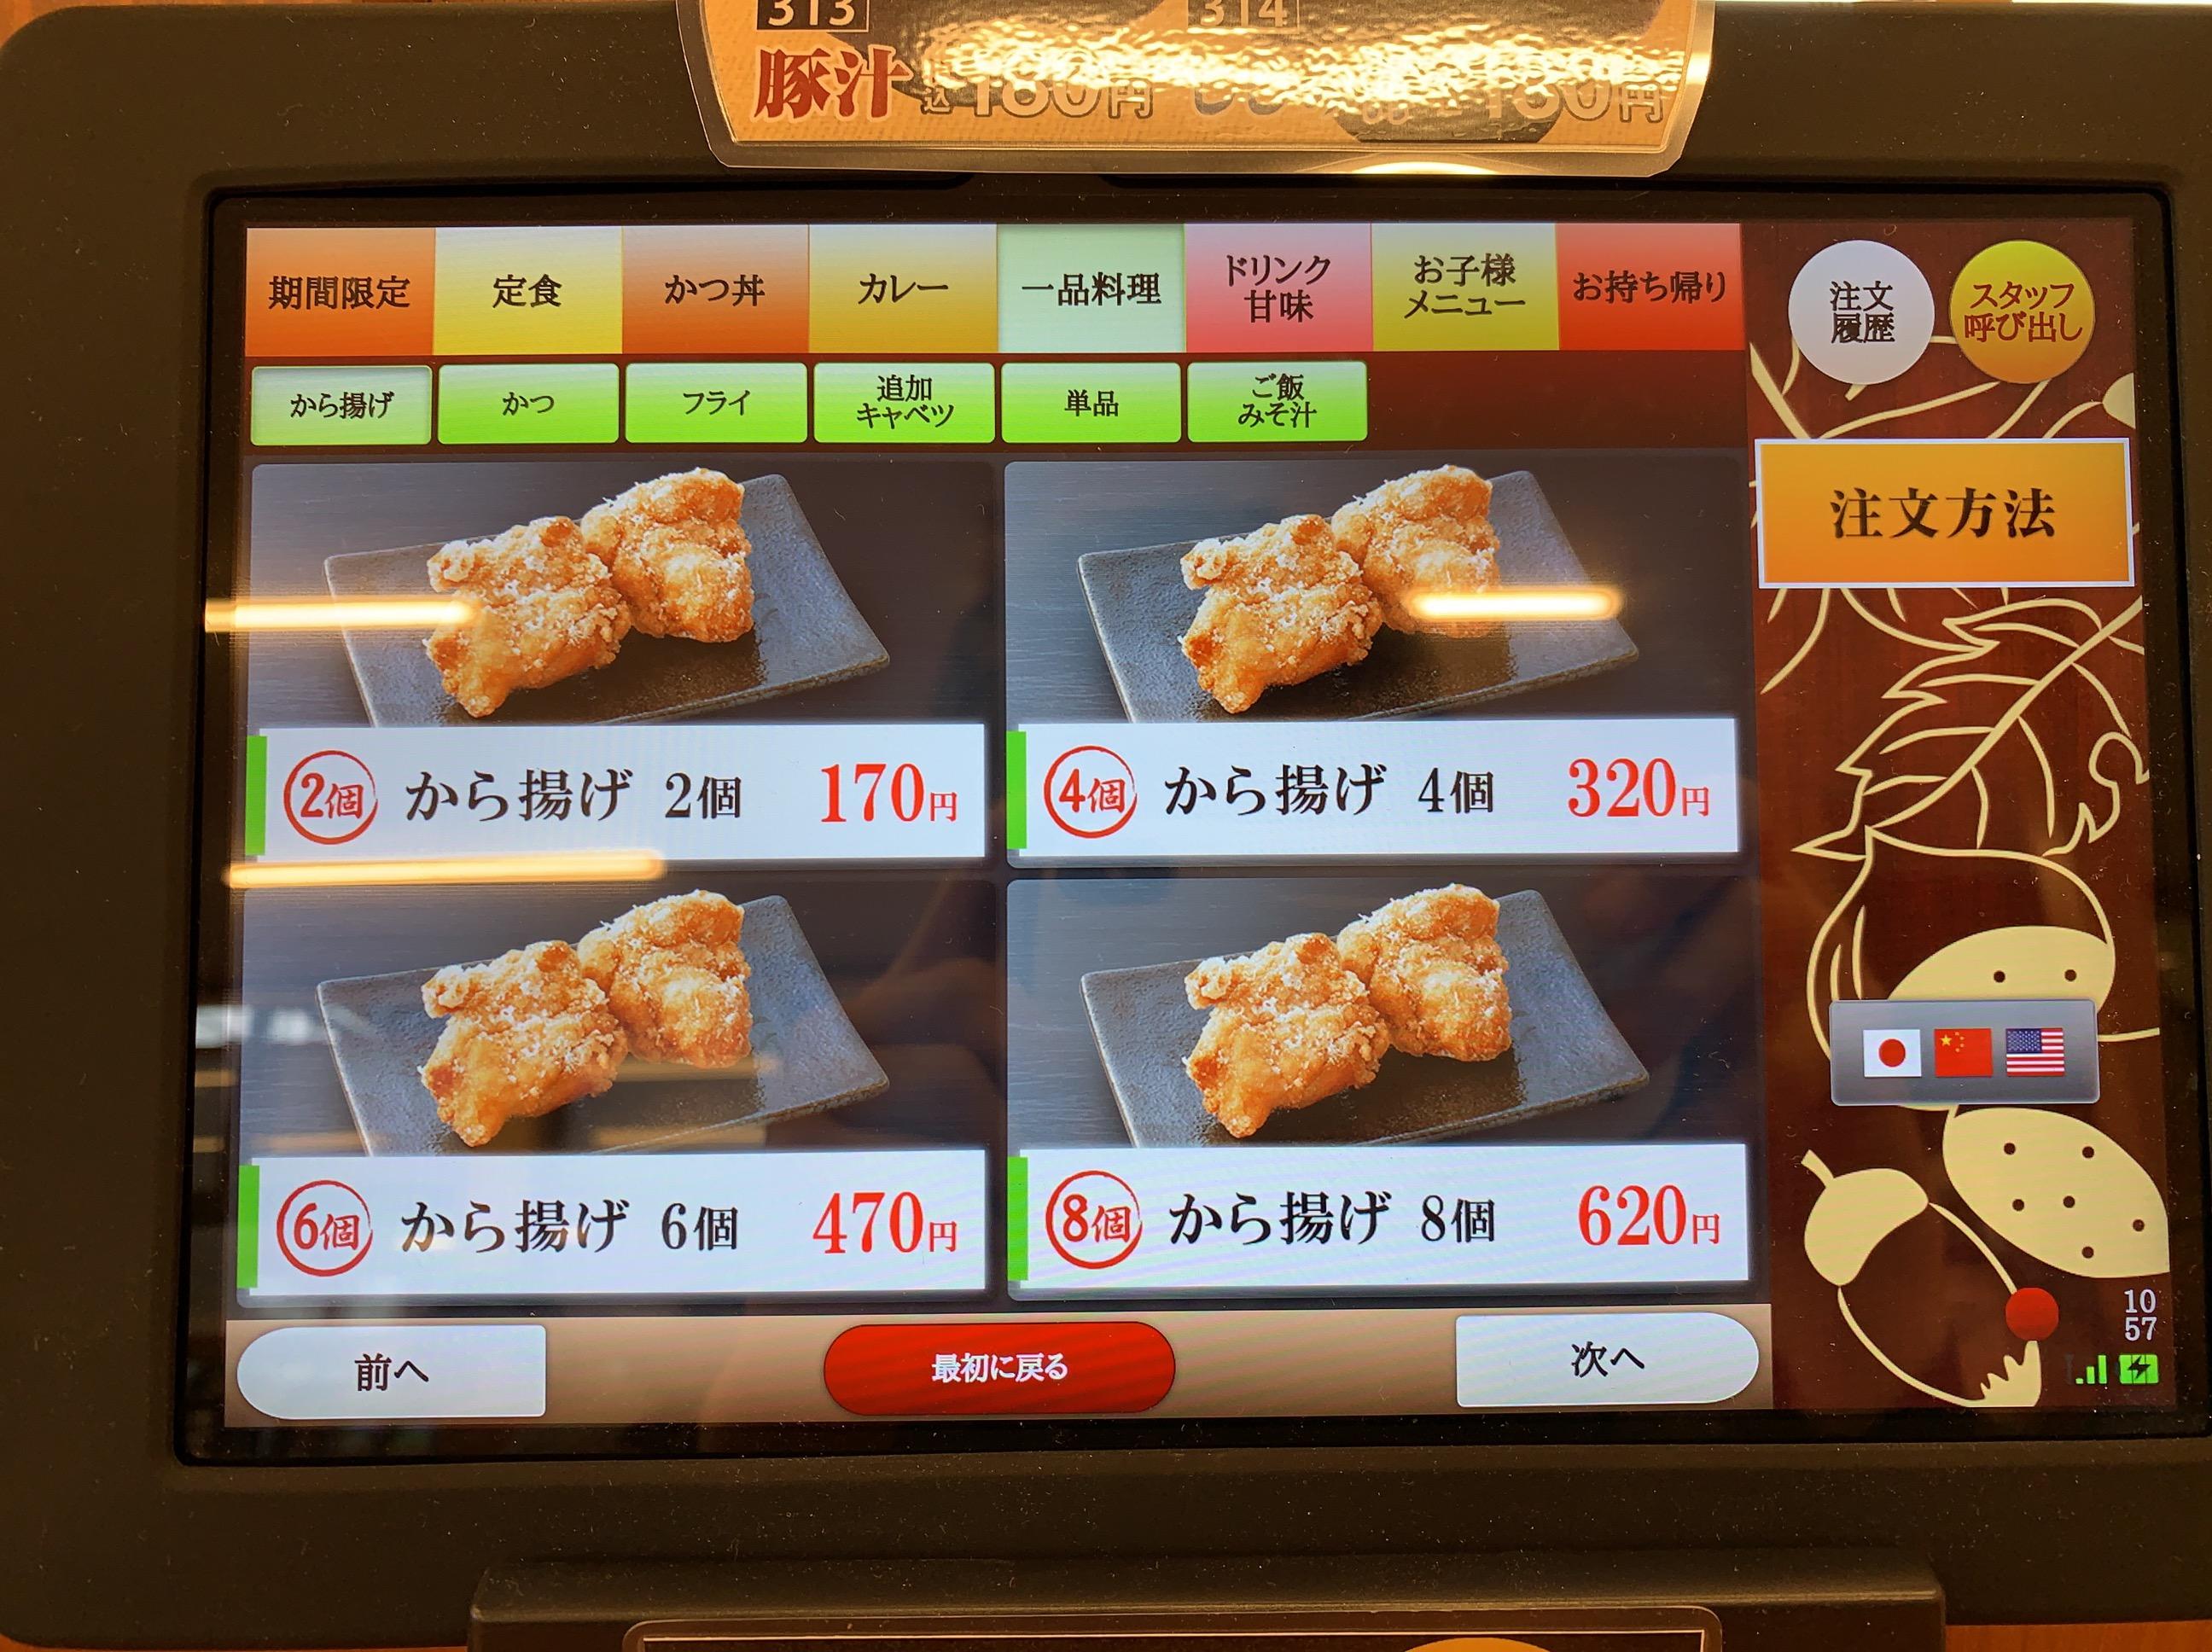 【桶川市 新店】ごはん処 「かつ庵 」ワンコインでカツ丼が食べられるよ!とんかつ屋